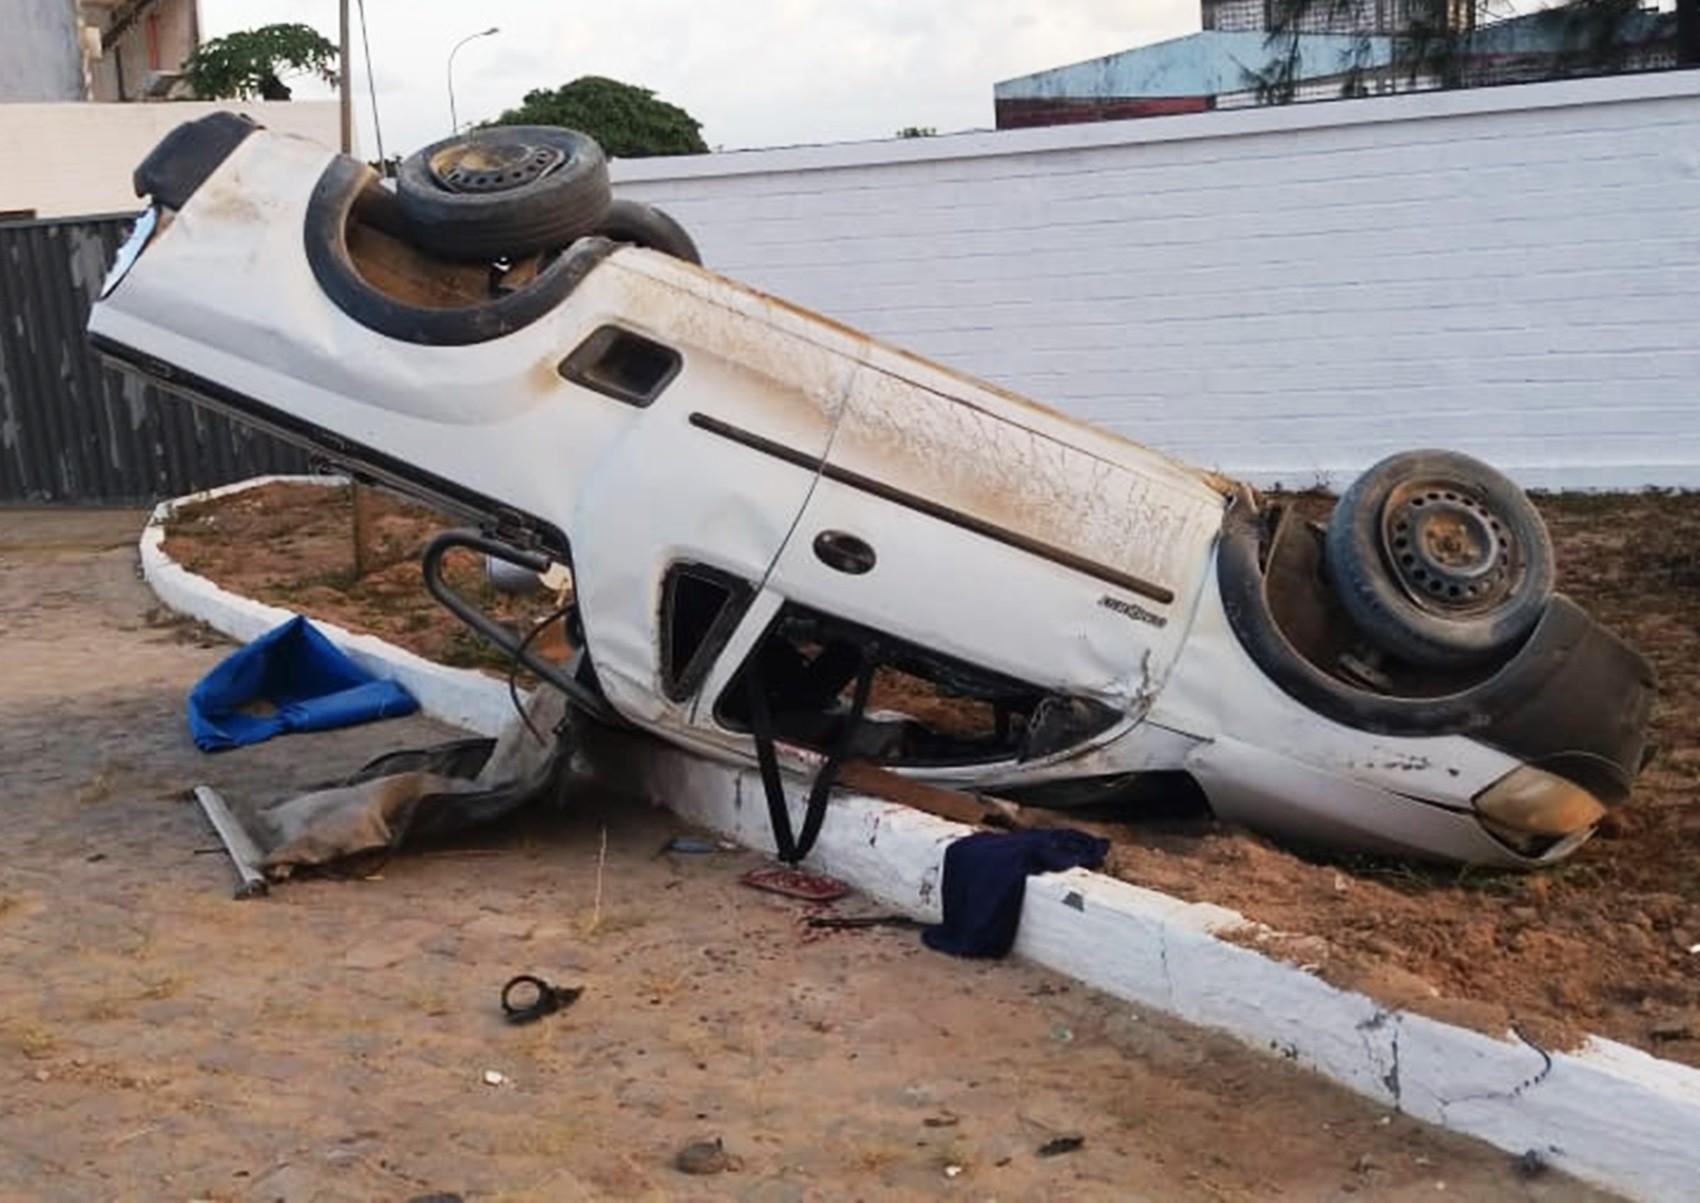 Tentativa de assalto termina com carro capotado e passageiro morto na BR-304, na Grande Natal